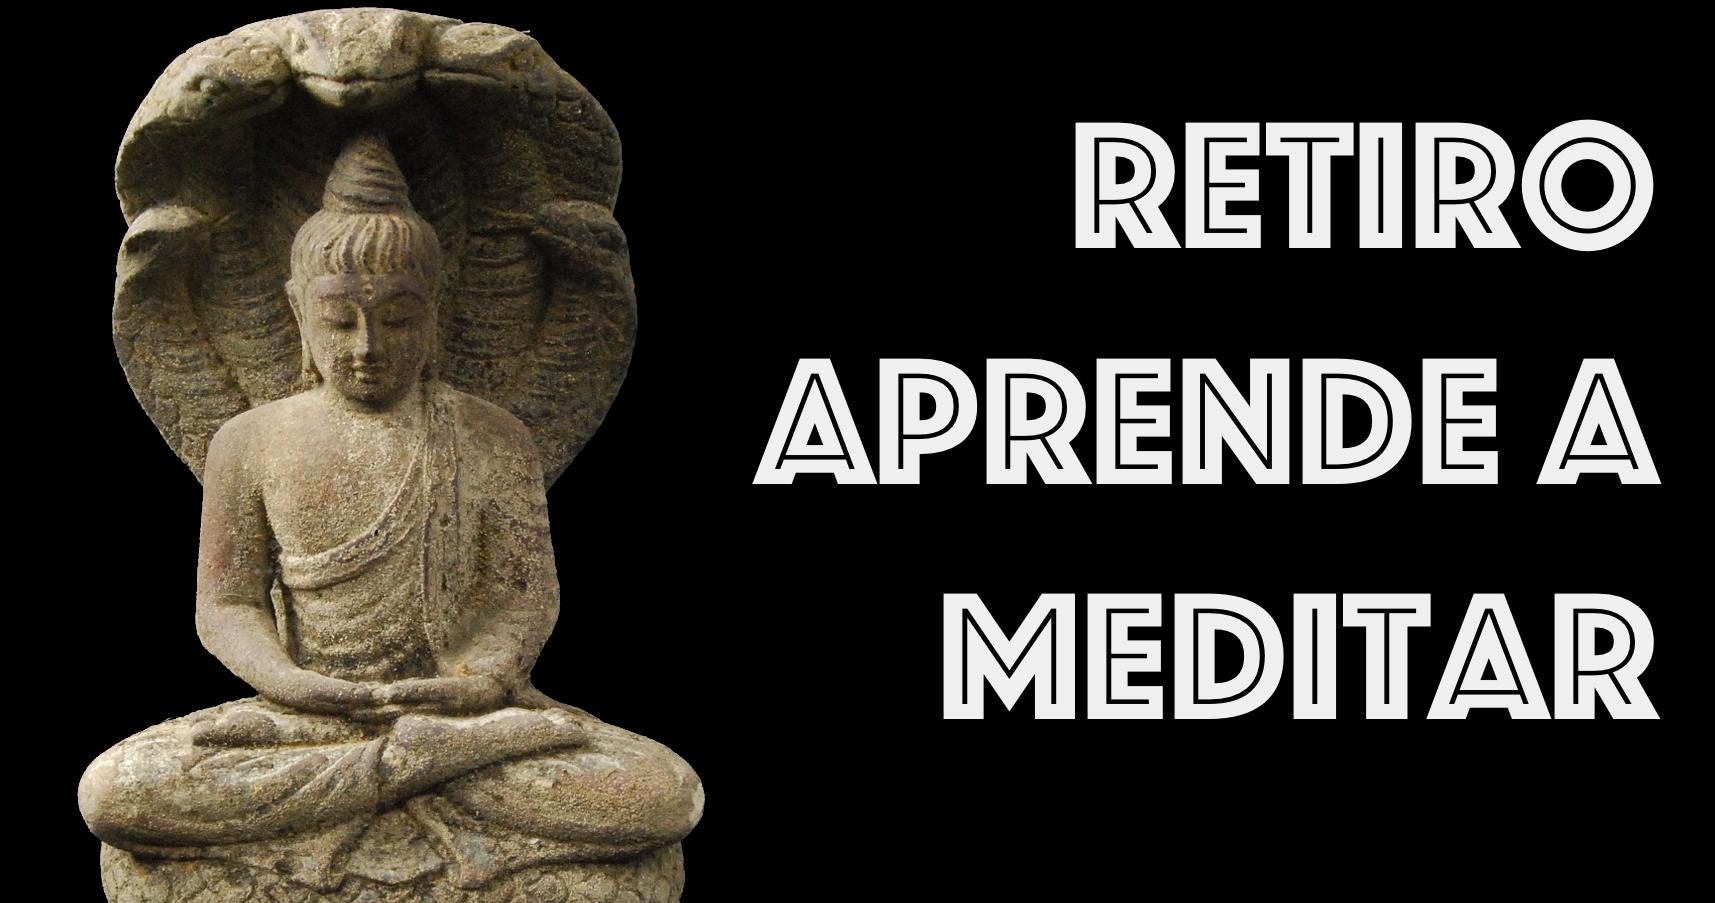 Retiro: Aprende a Meditar